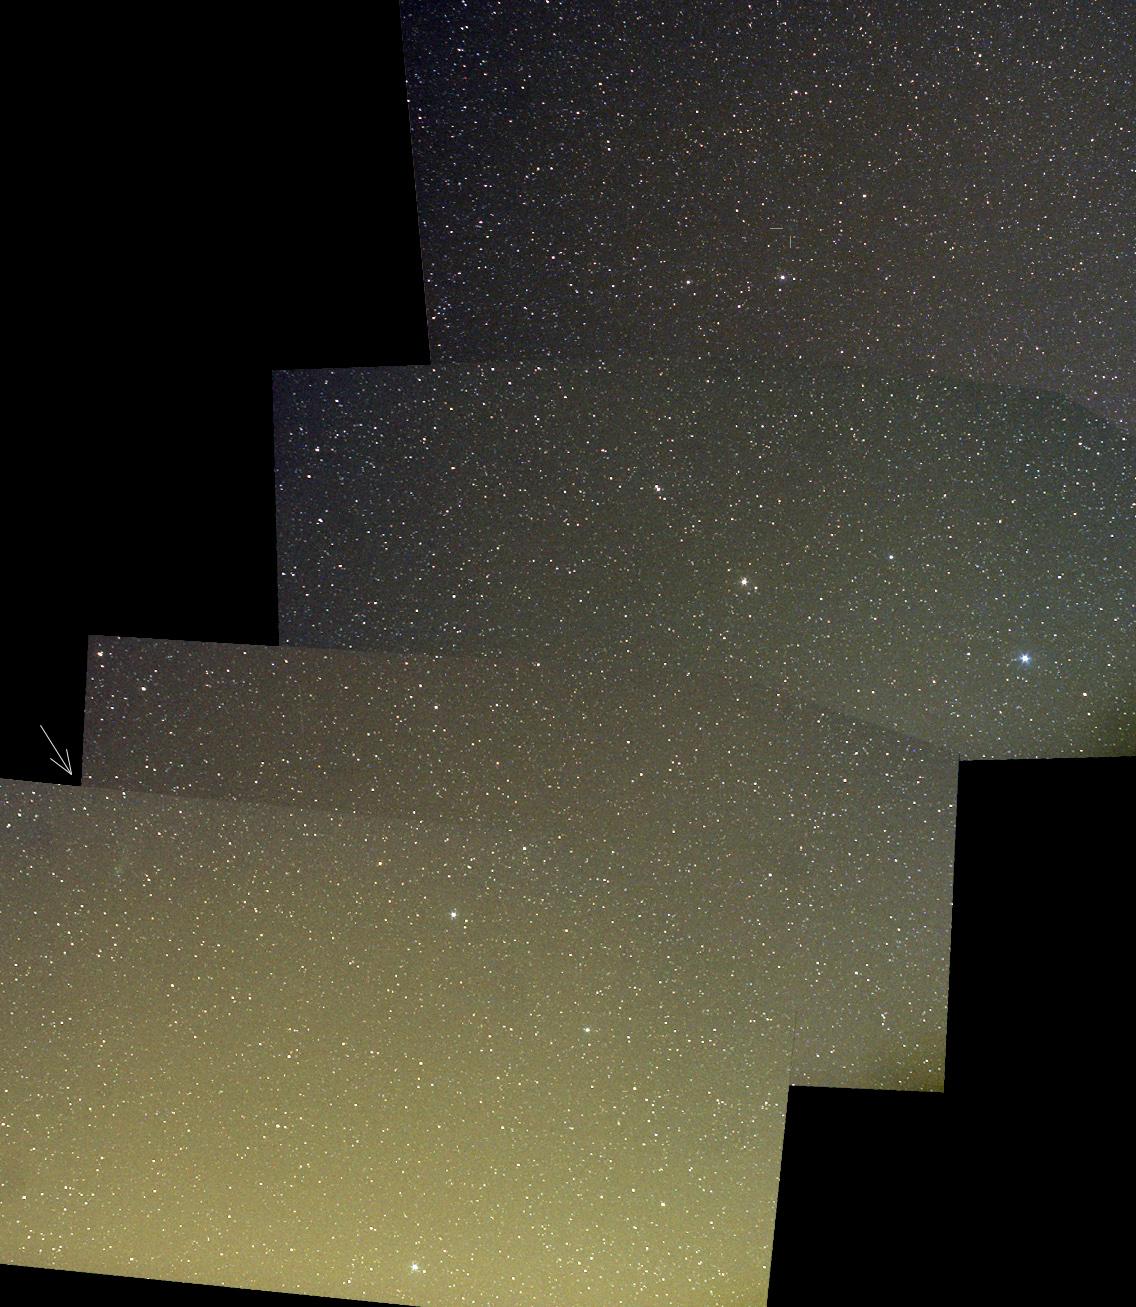 Mozaika Lva s dvěma kometami. Zatímco 45P ještě najdete snadno podle šipky vlevo dole, na 41P už aby si jeden vzal lupu…